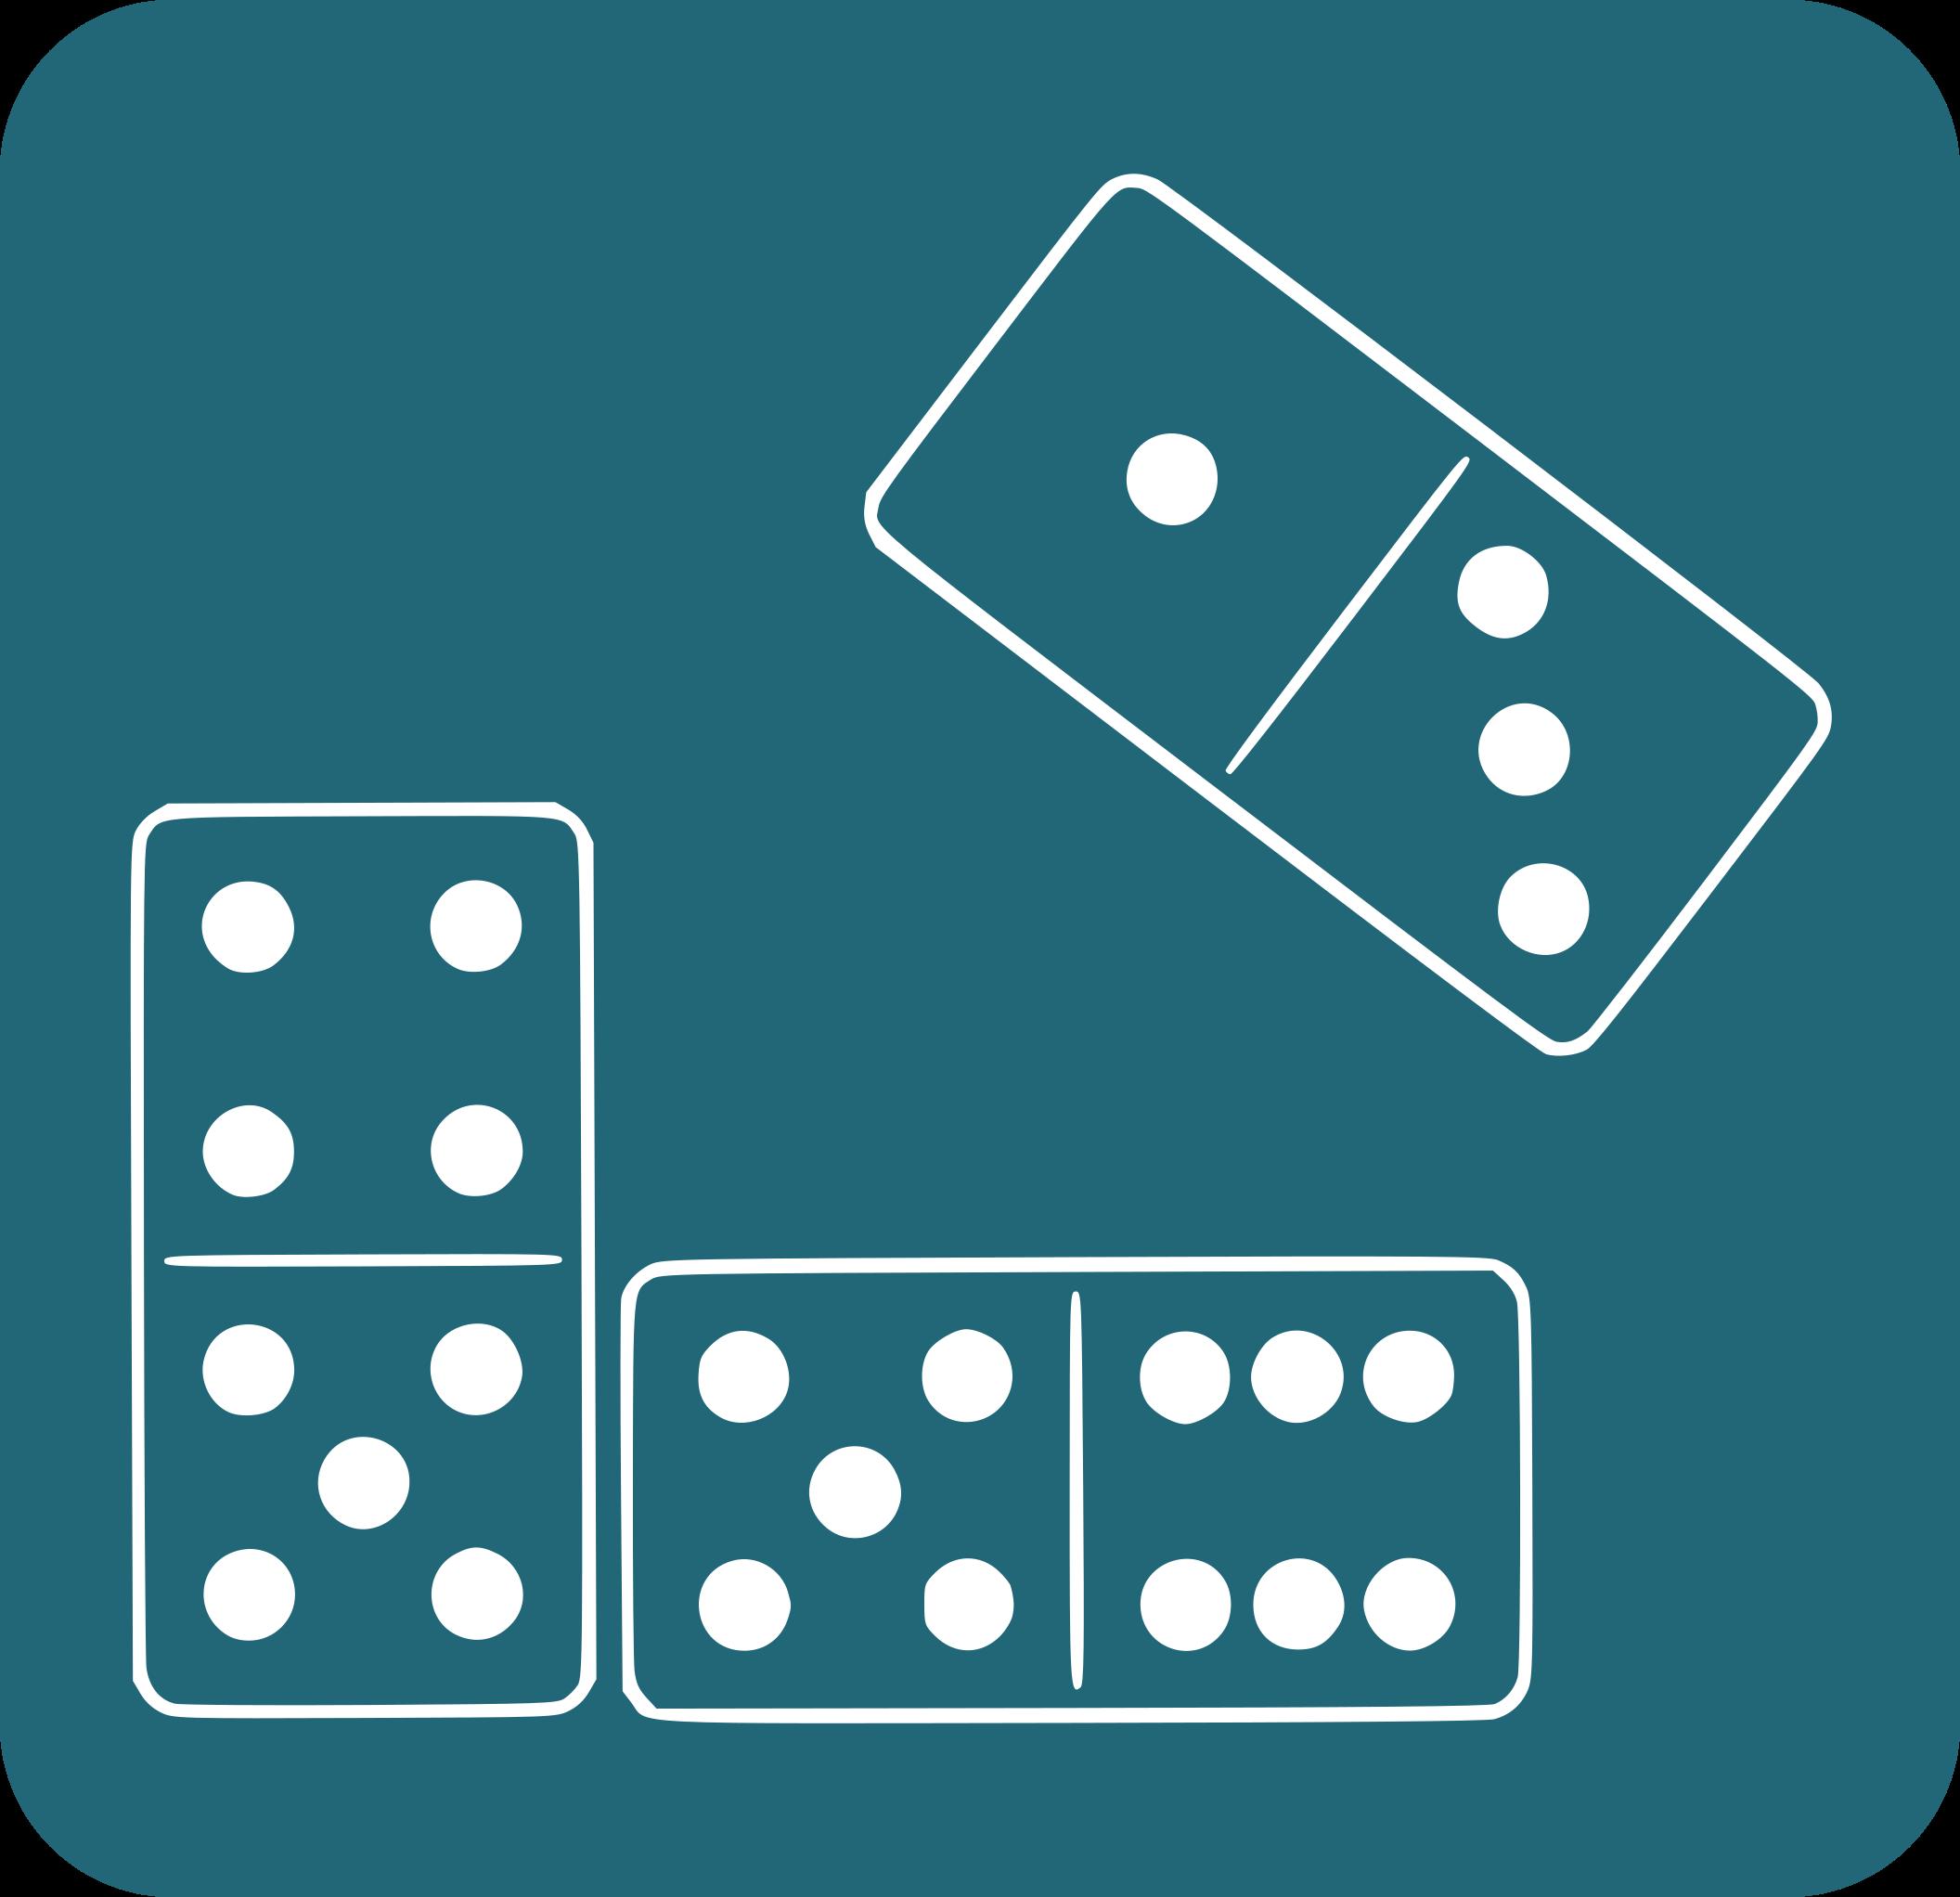 fitxes domino